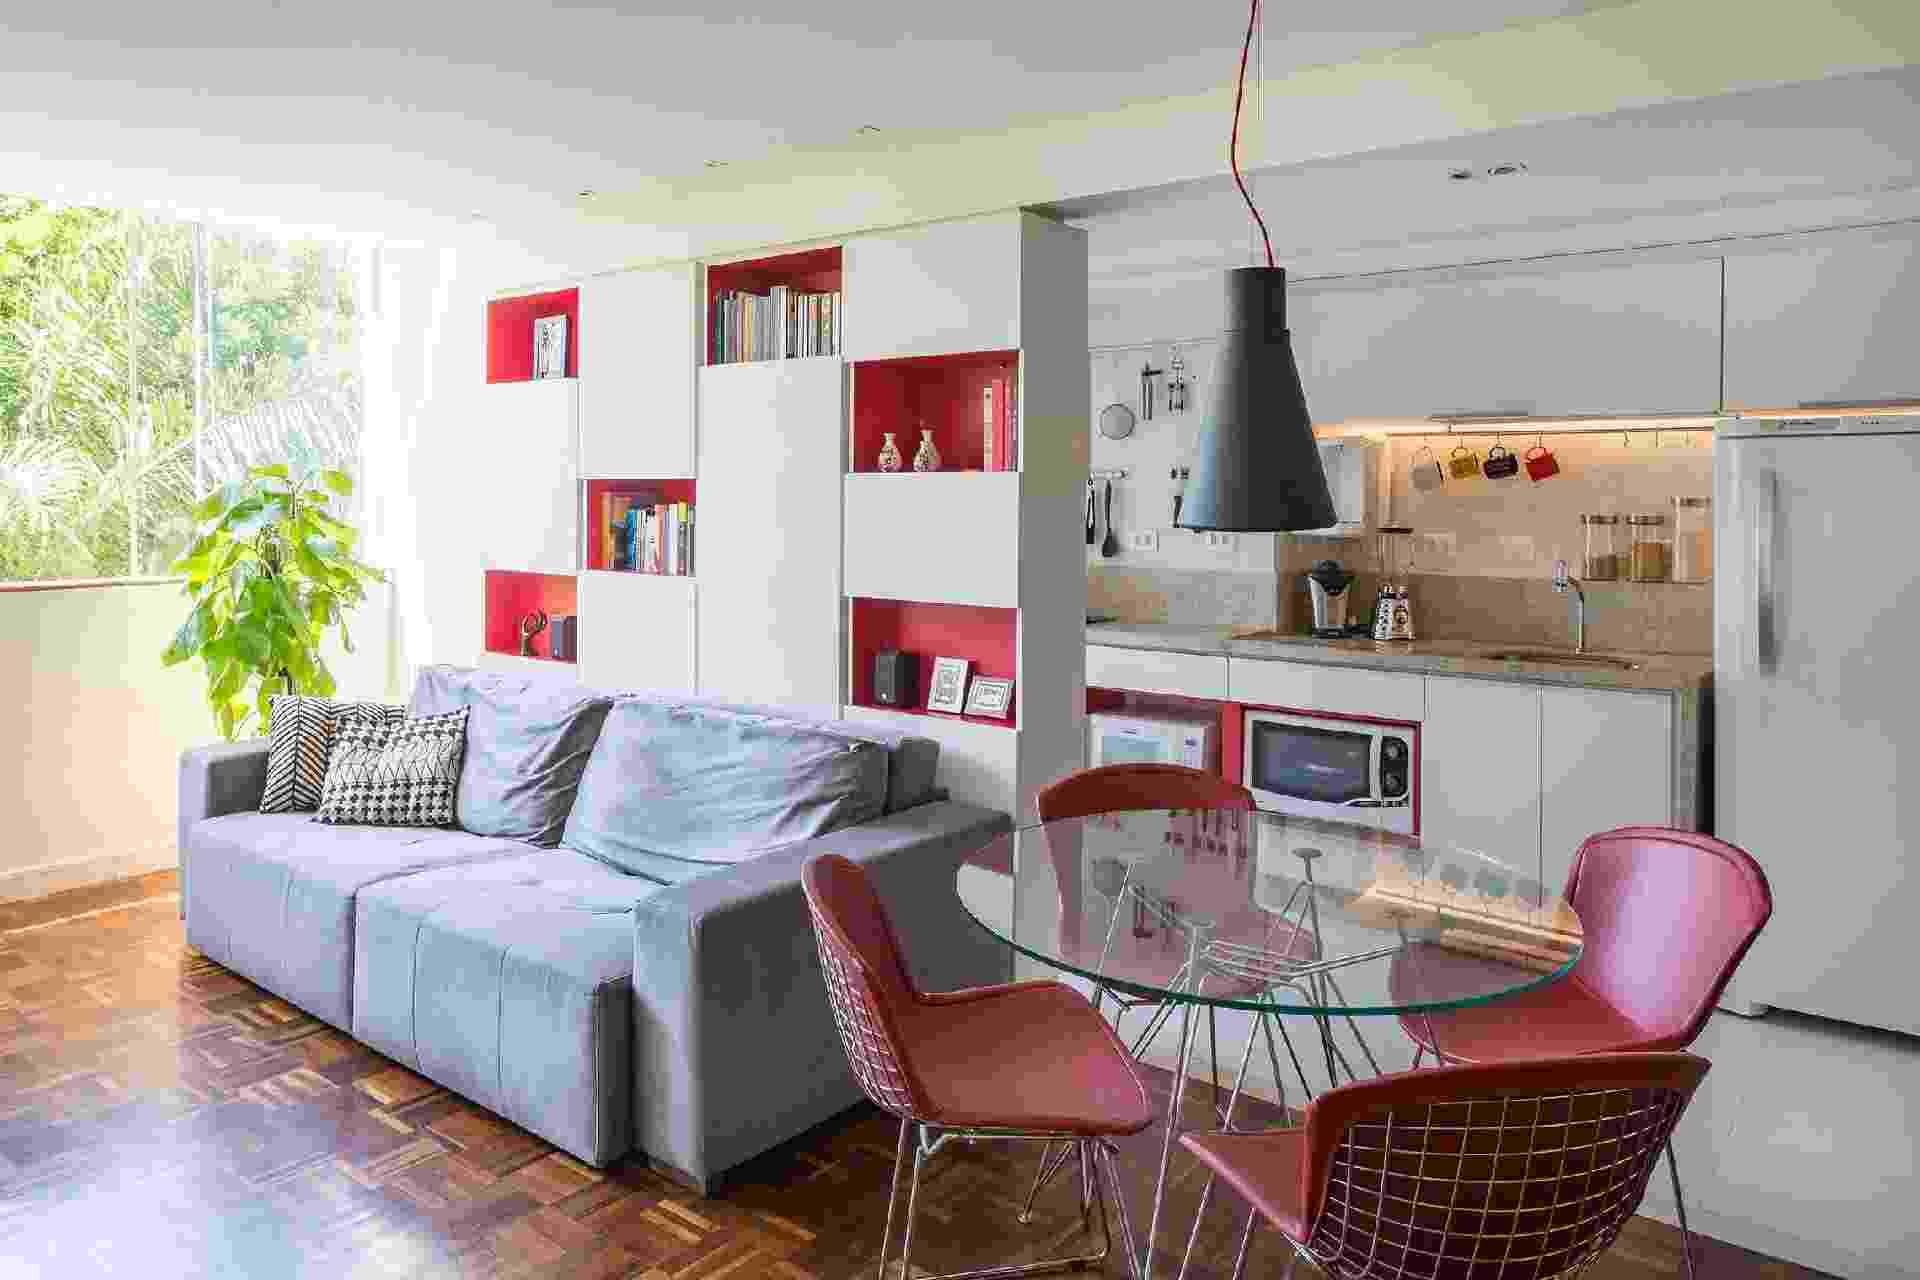 O apartamento de 45m² foi completamente reformulado para ampliar a relação entre os espaços sociais da casa e a cozinha, estimulando assim o ato cotidiano de cozinhar, uma paixão do casal de moradores. O resultado é um espaço amplo e arejado, sem barreiras entre os ambientes. - Haruo Mikami